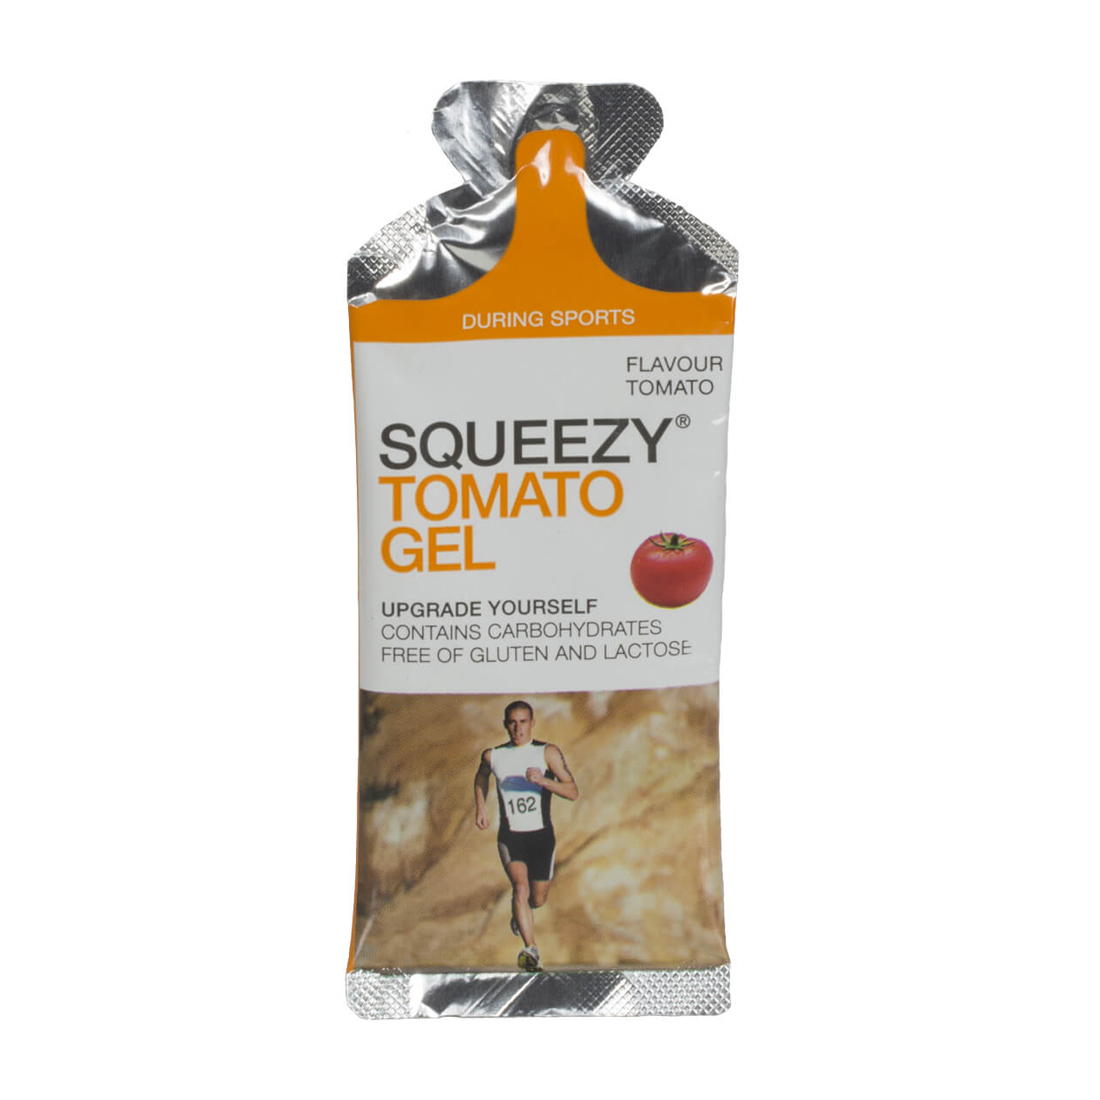 ENERGY GEL TOMATO SQUEEZY